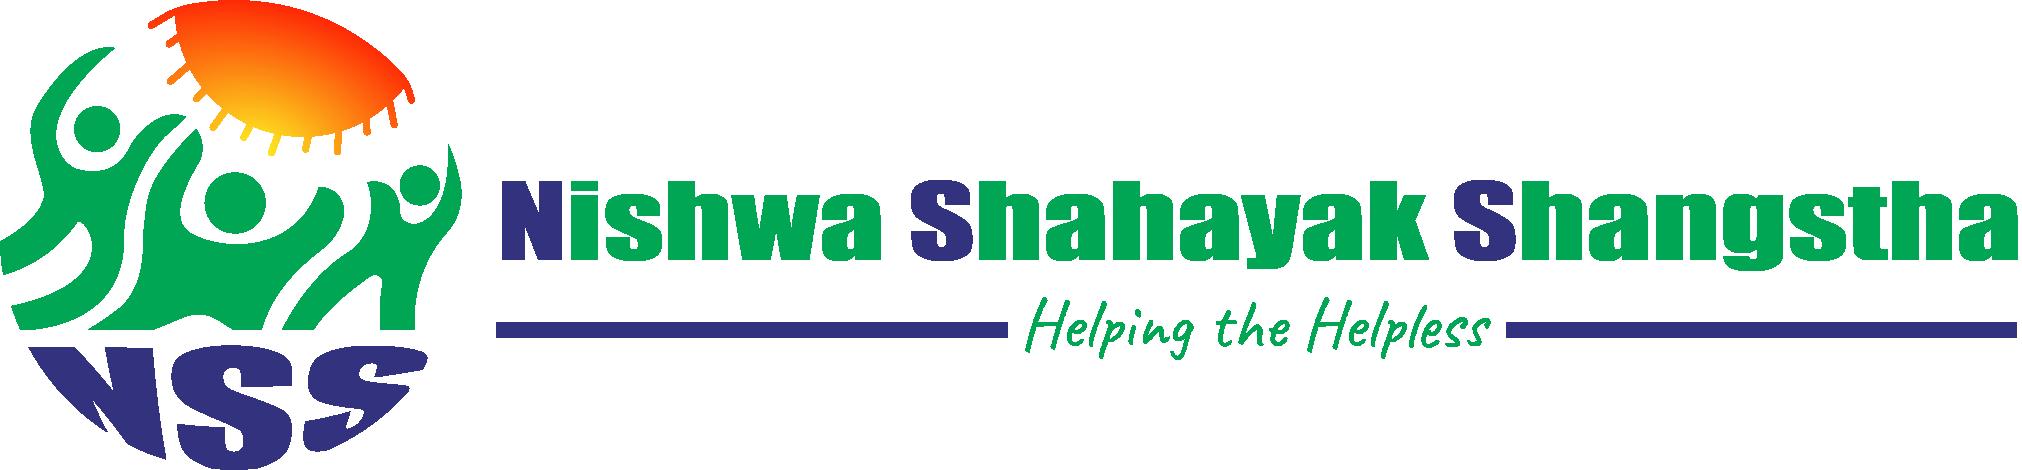 Nishwa Shahayak Shangstha (NSS)